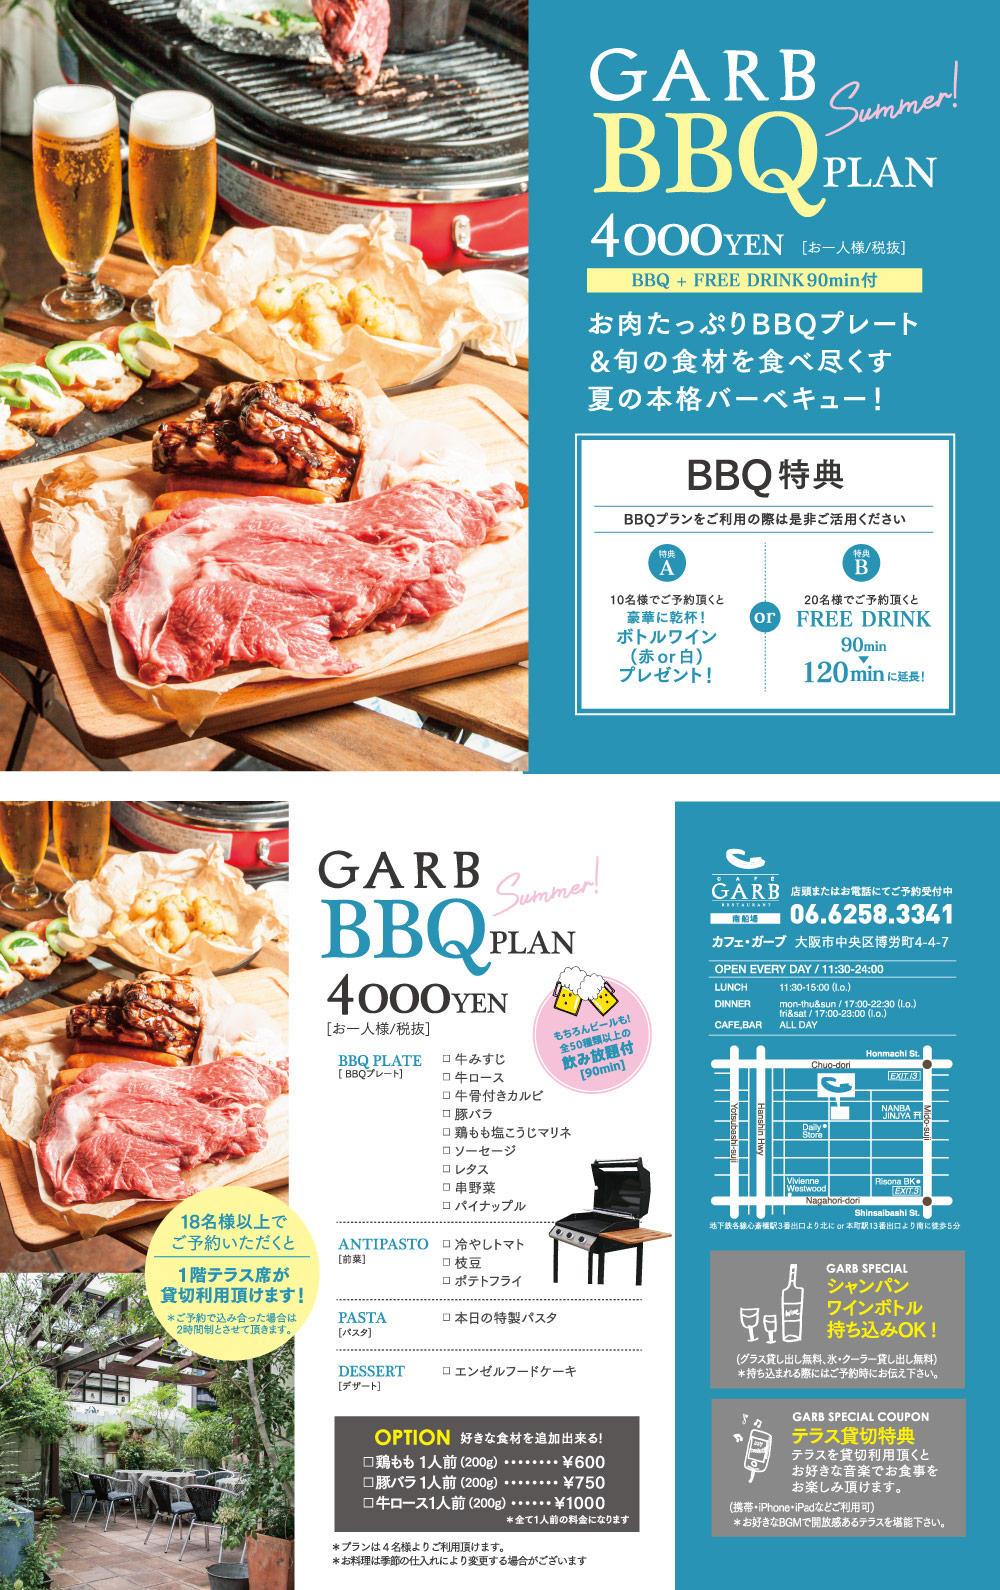 garb_1706_bbq.jpg